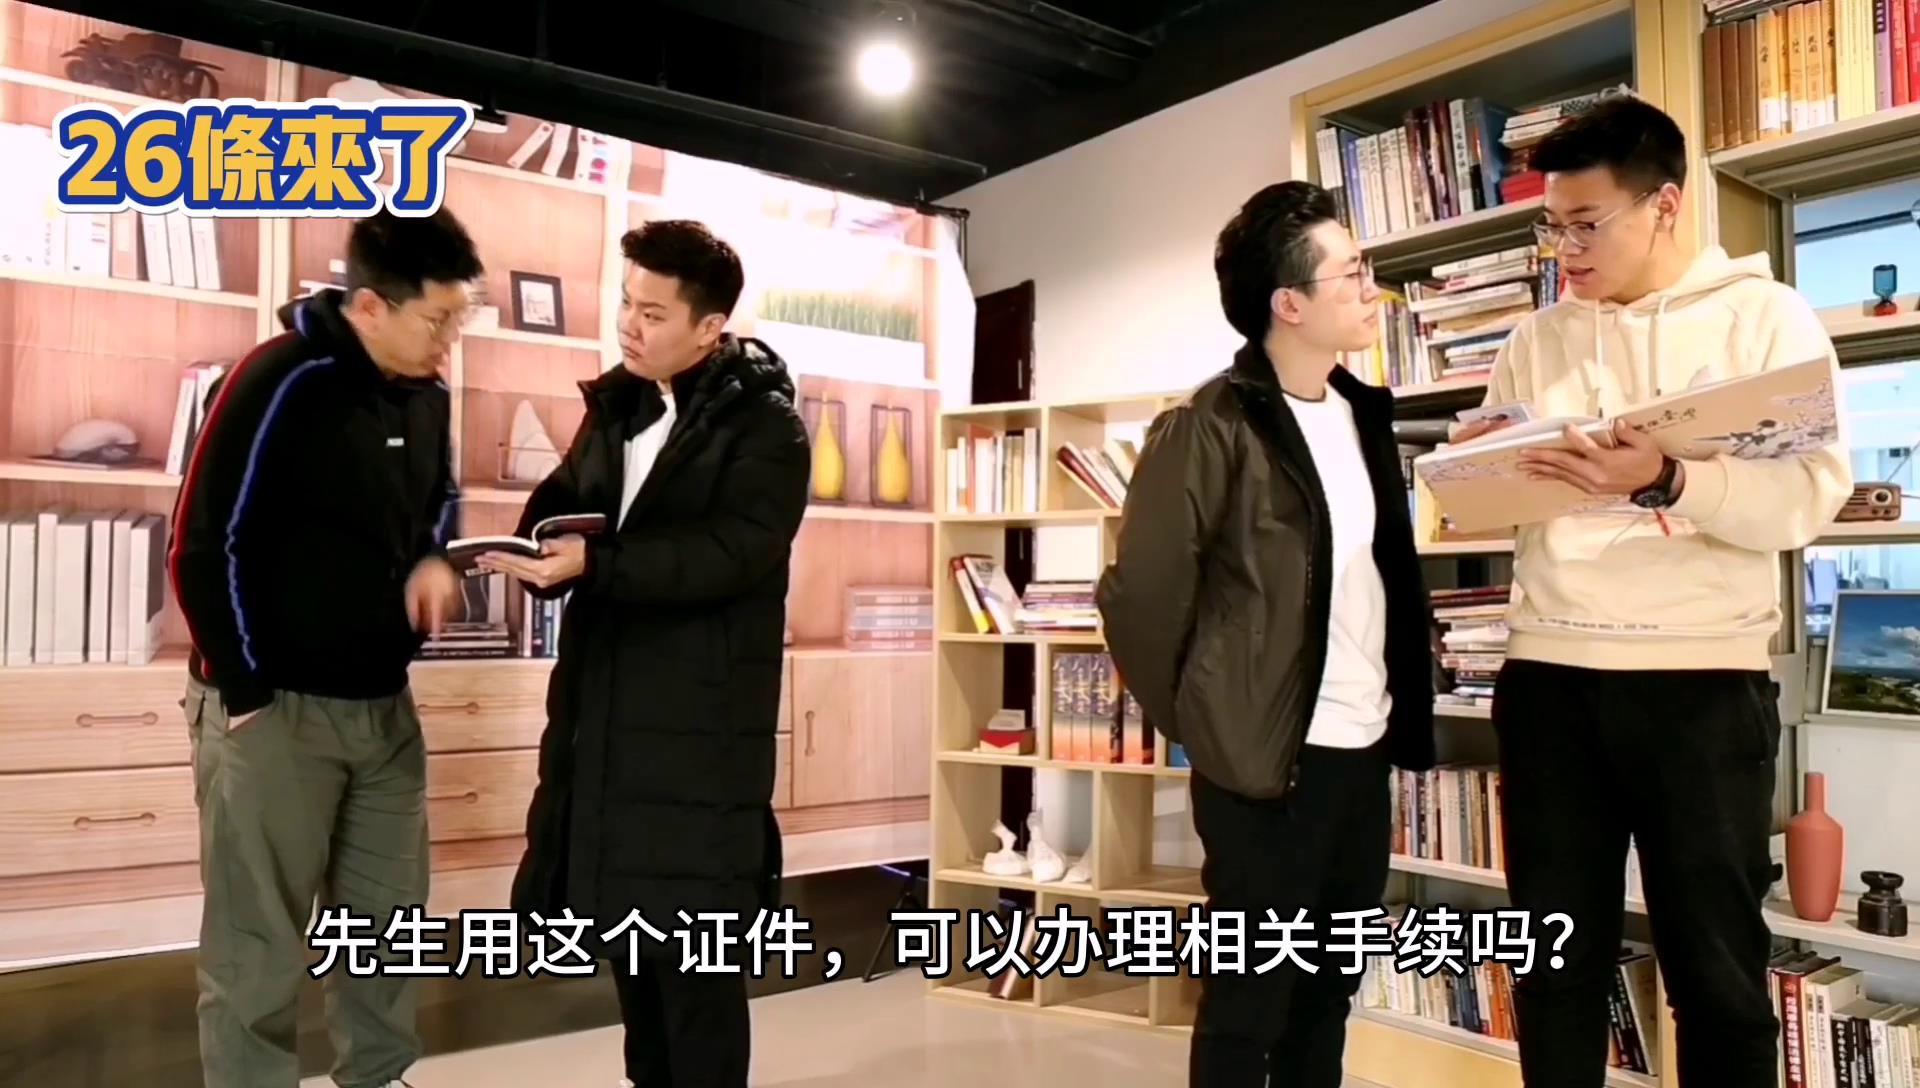 【26条来了】快看看东北人和台湾人买房那点事吧!图片